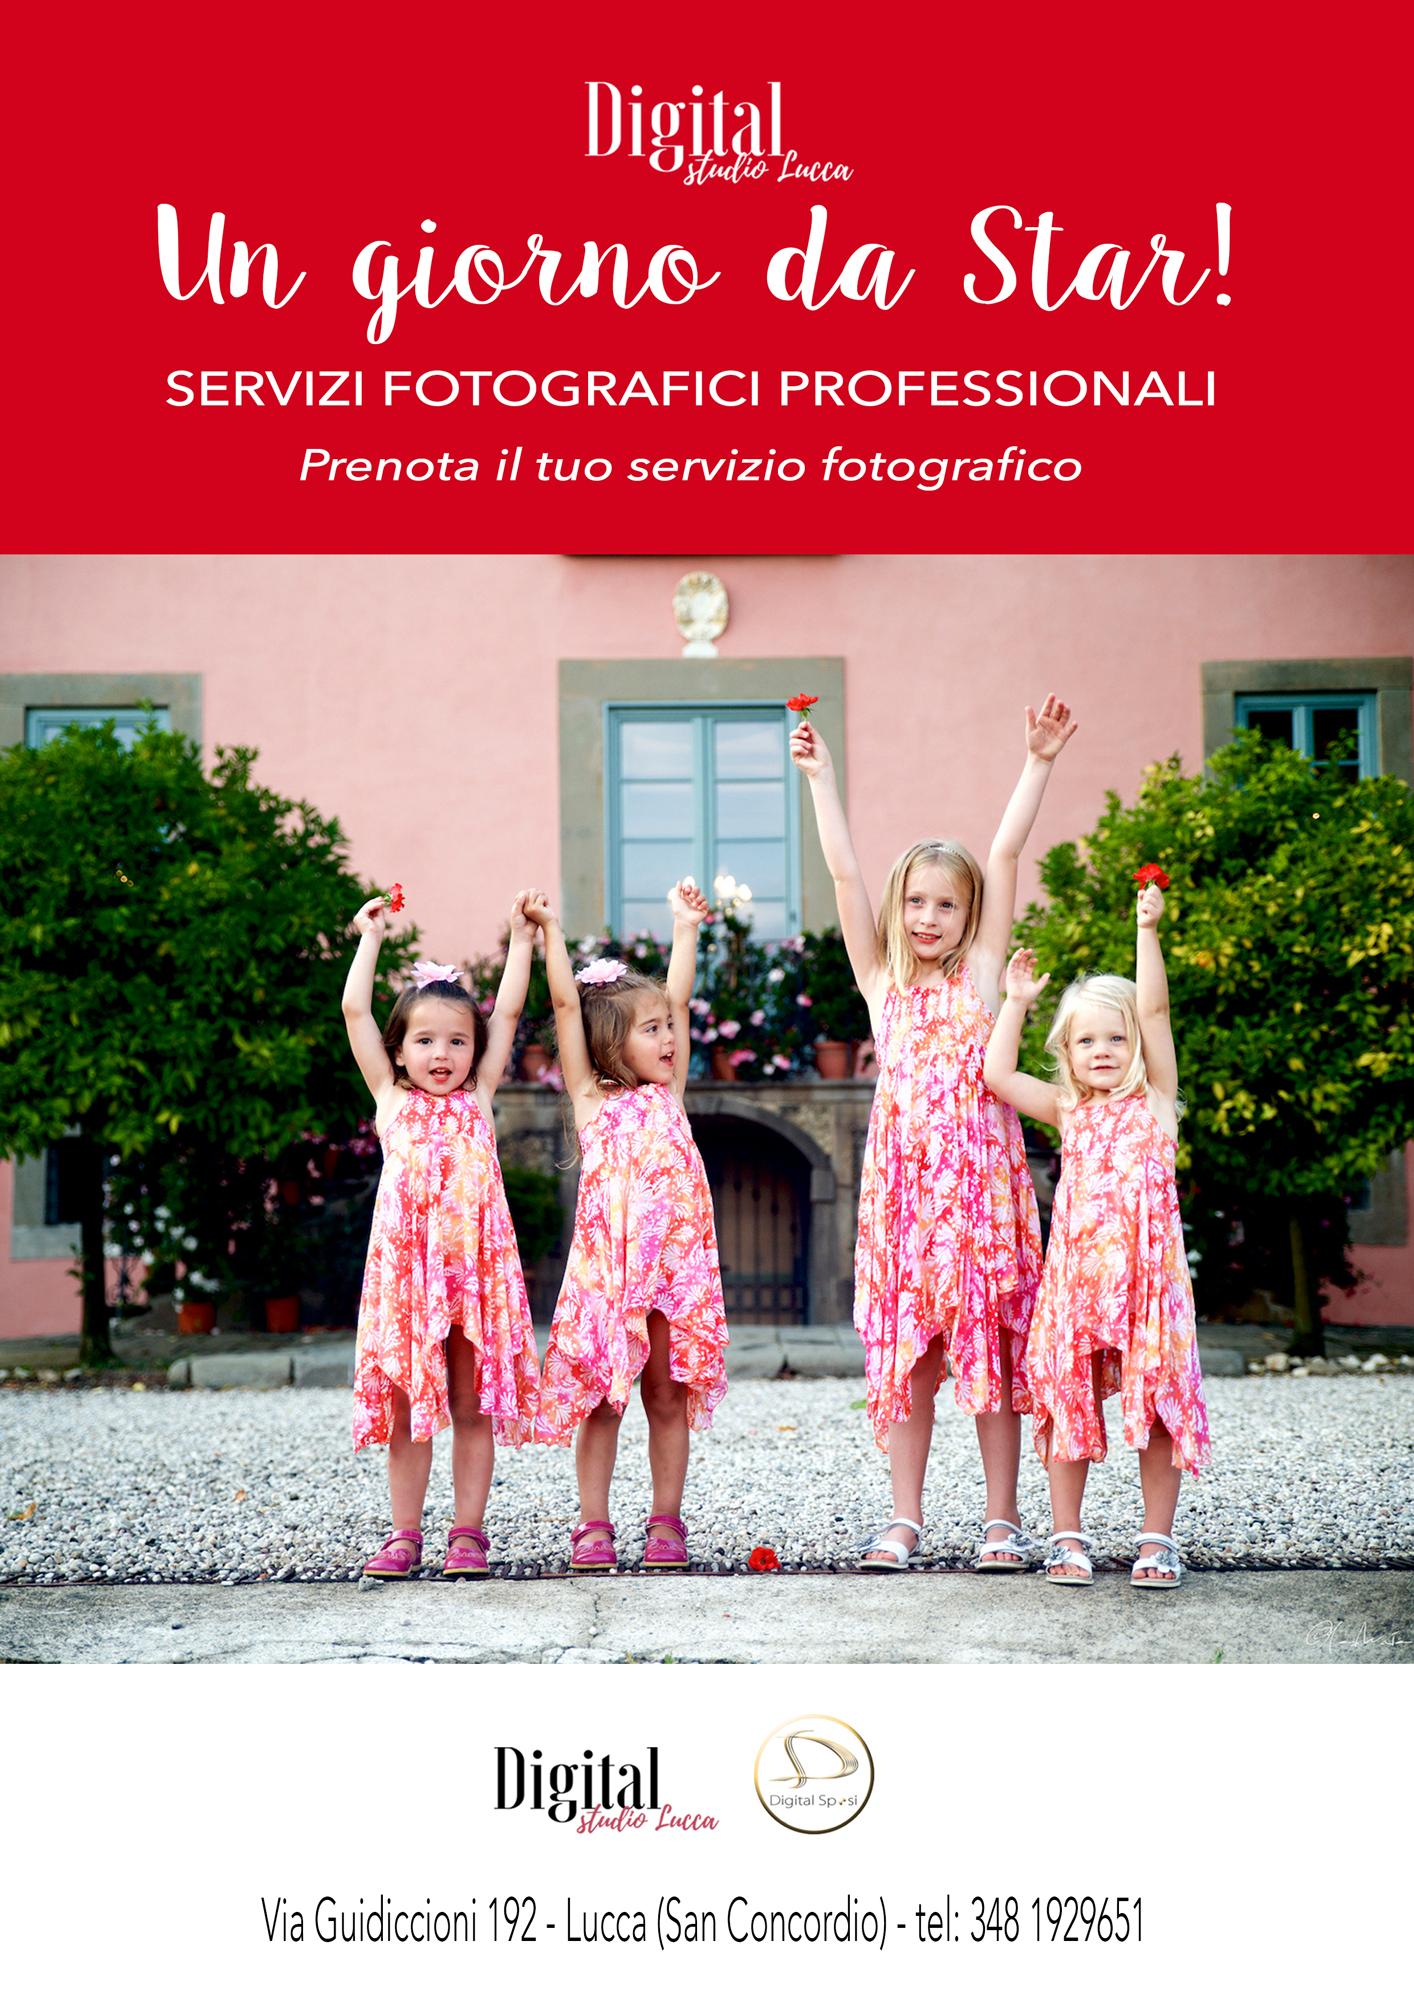 Prenota il tuo servizio fotografico in esterna. - Chiamaci al 348 1929651 oppure inviaci una mail al info@digitalstudiolucca.com